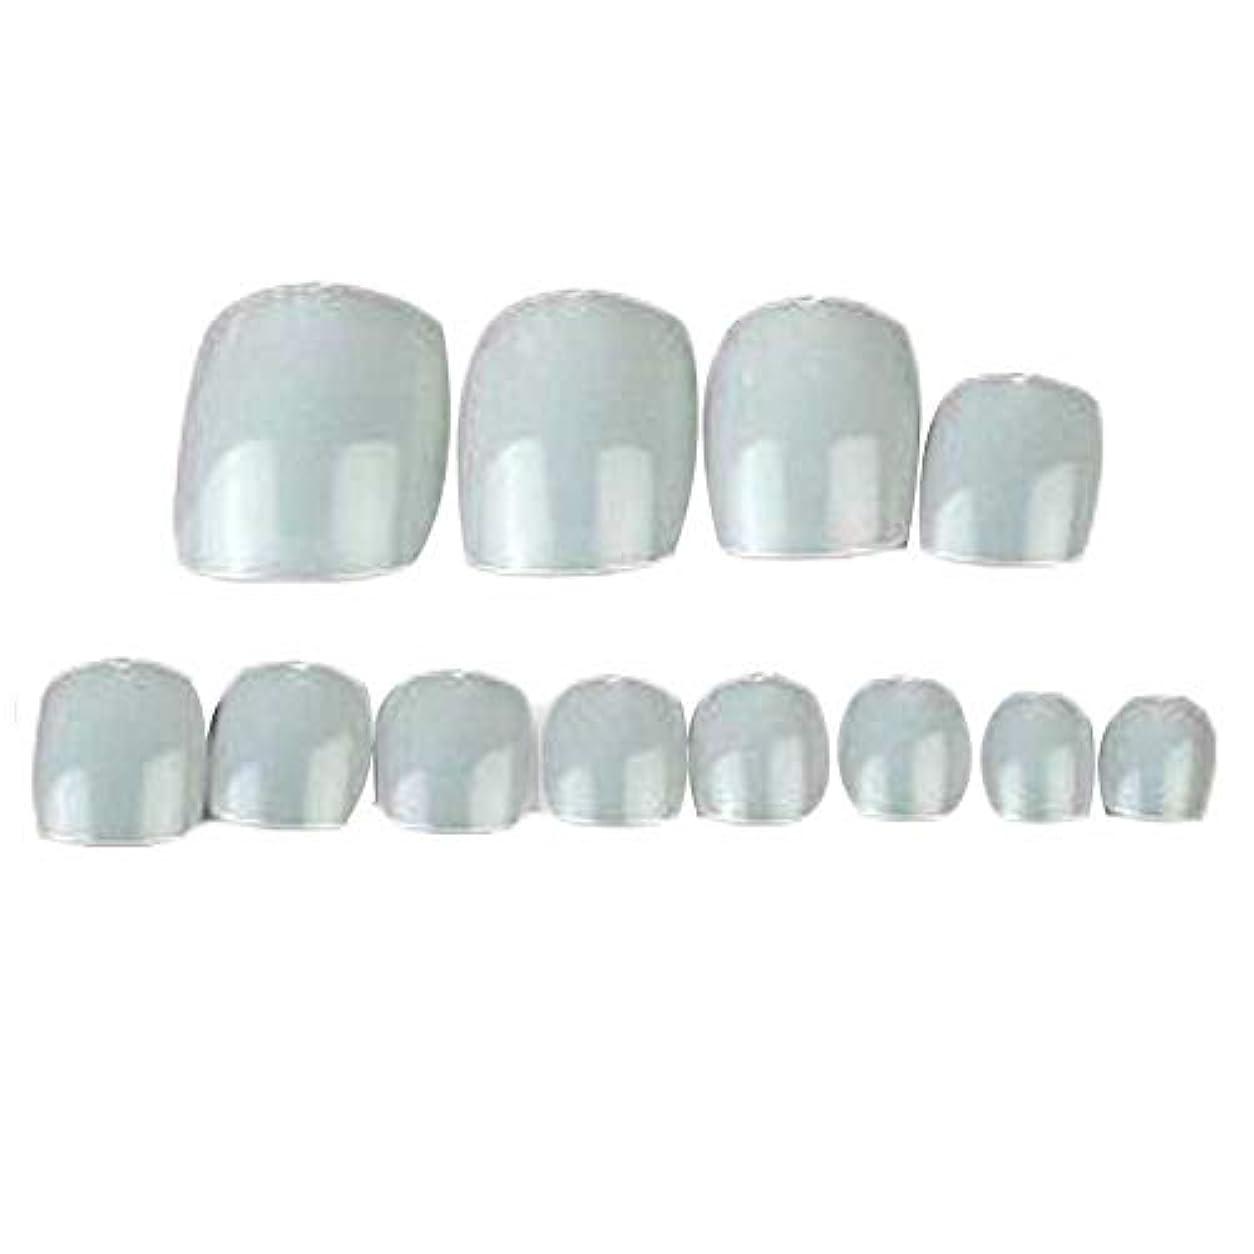 迫害する粒子石の500個のナチュラルカラー人工爪のヒントフルカバー偽爪